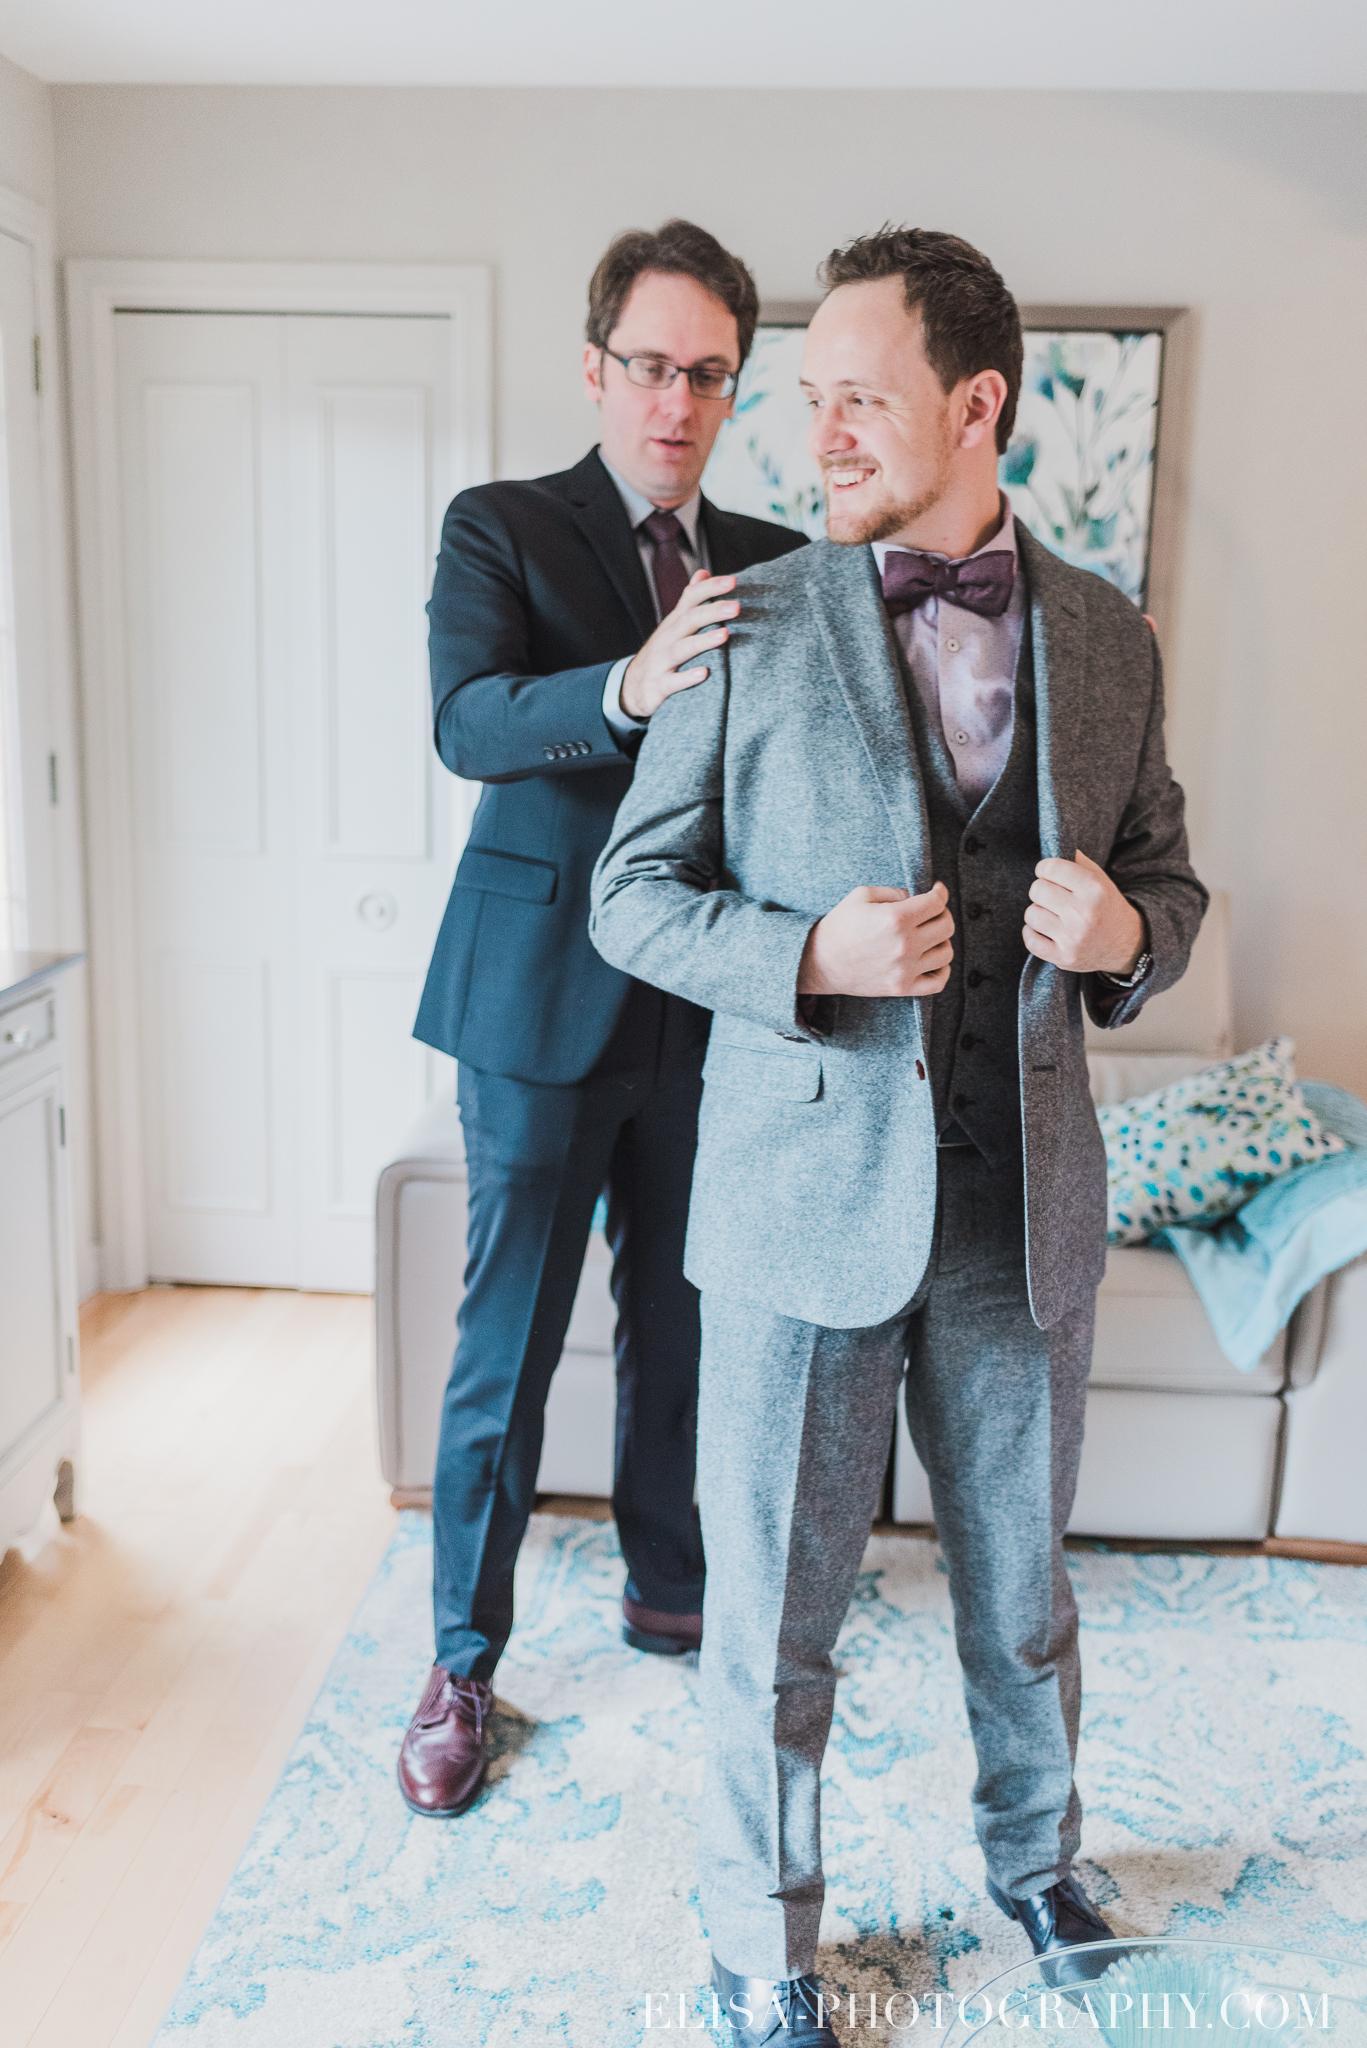 photo mariage quebec automne preparatifs du marie boutoniere souliers 5246 - Mariage à saveur automnale à l'Espace Saint-Grégoire